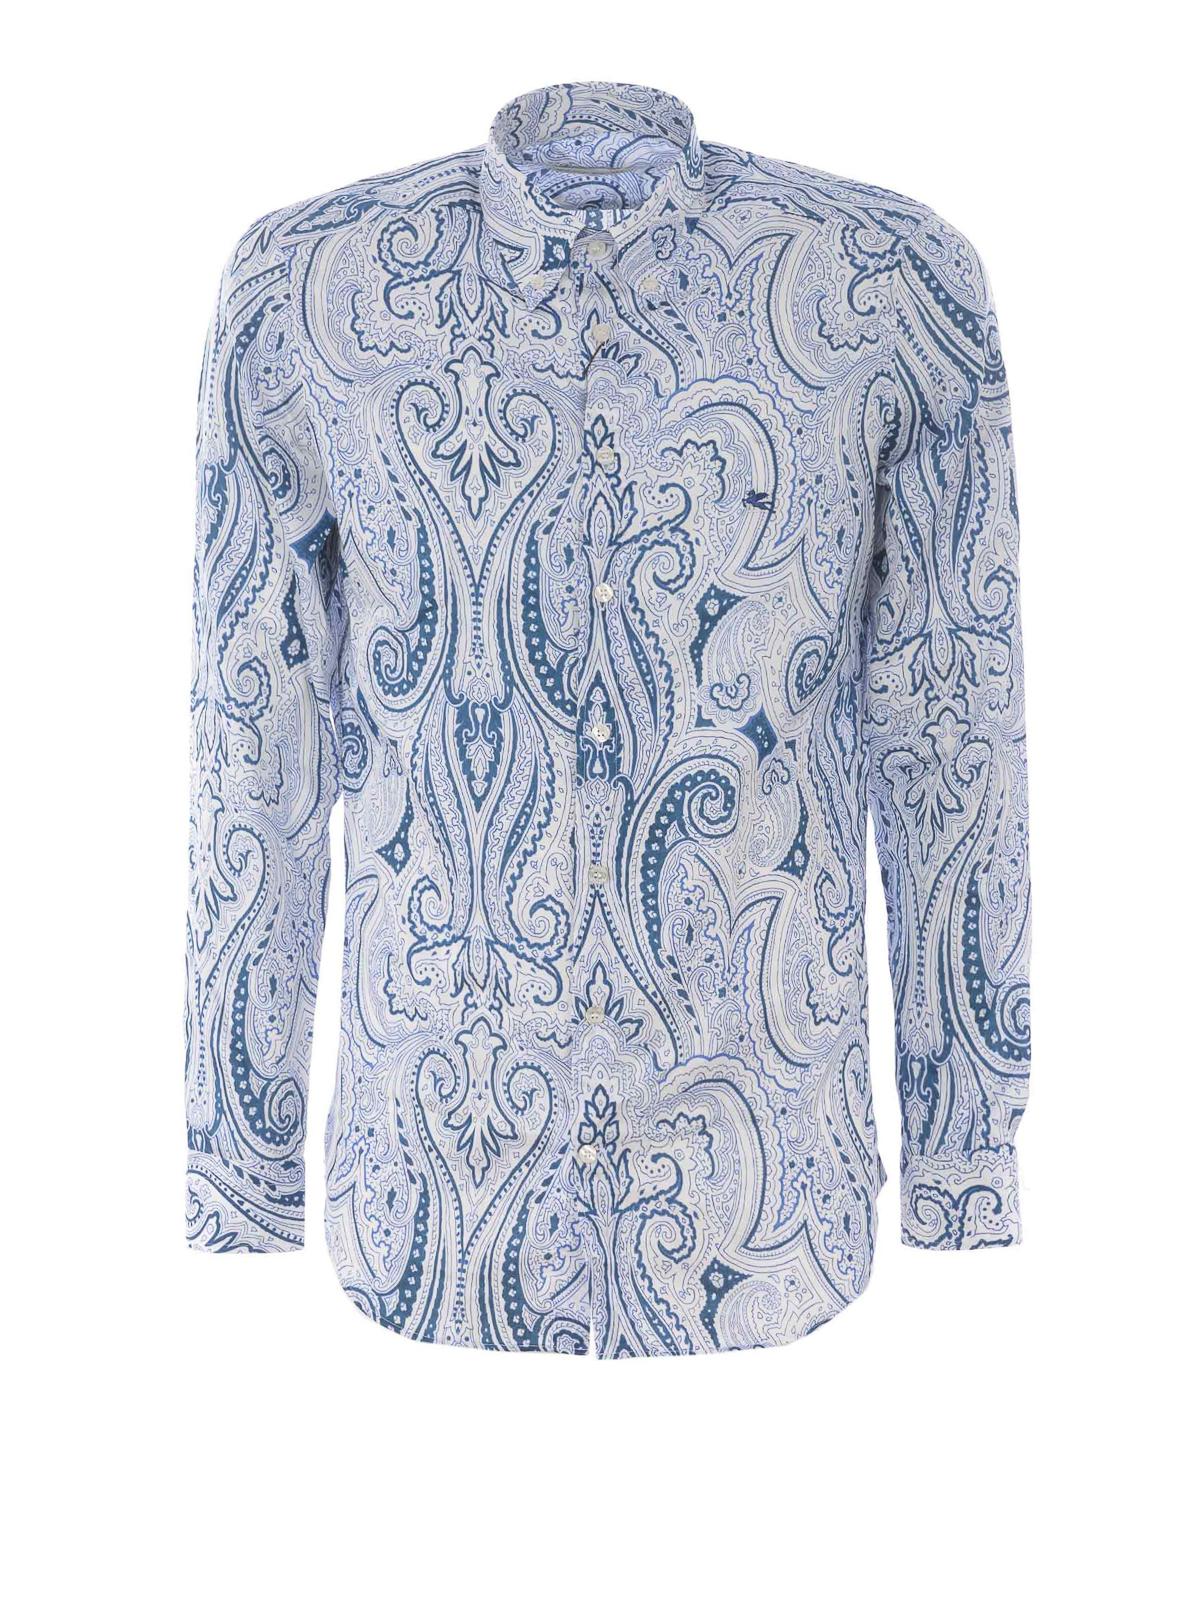 new product 7e254 3fbd2 Etro - Camicia slim b/d in cotone stampa cachemire - camicie ...